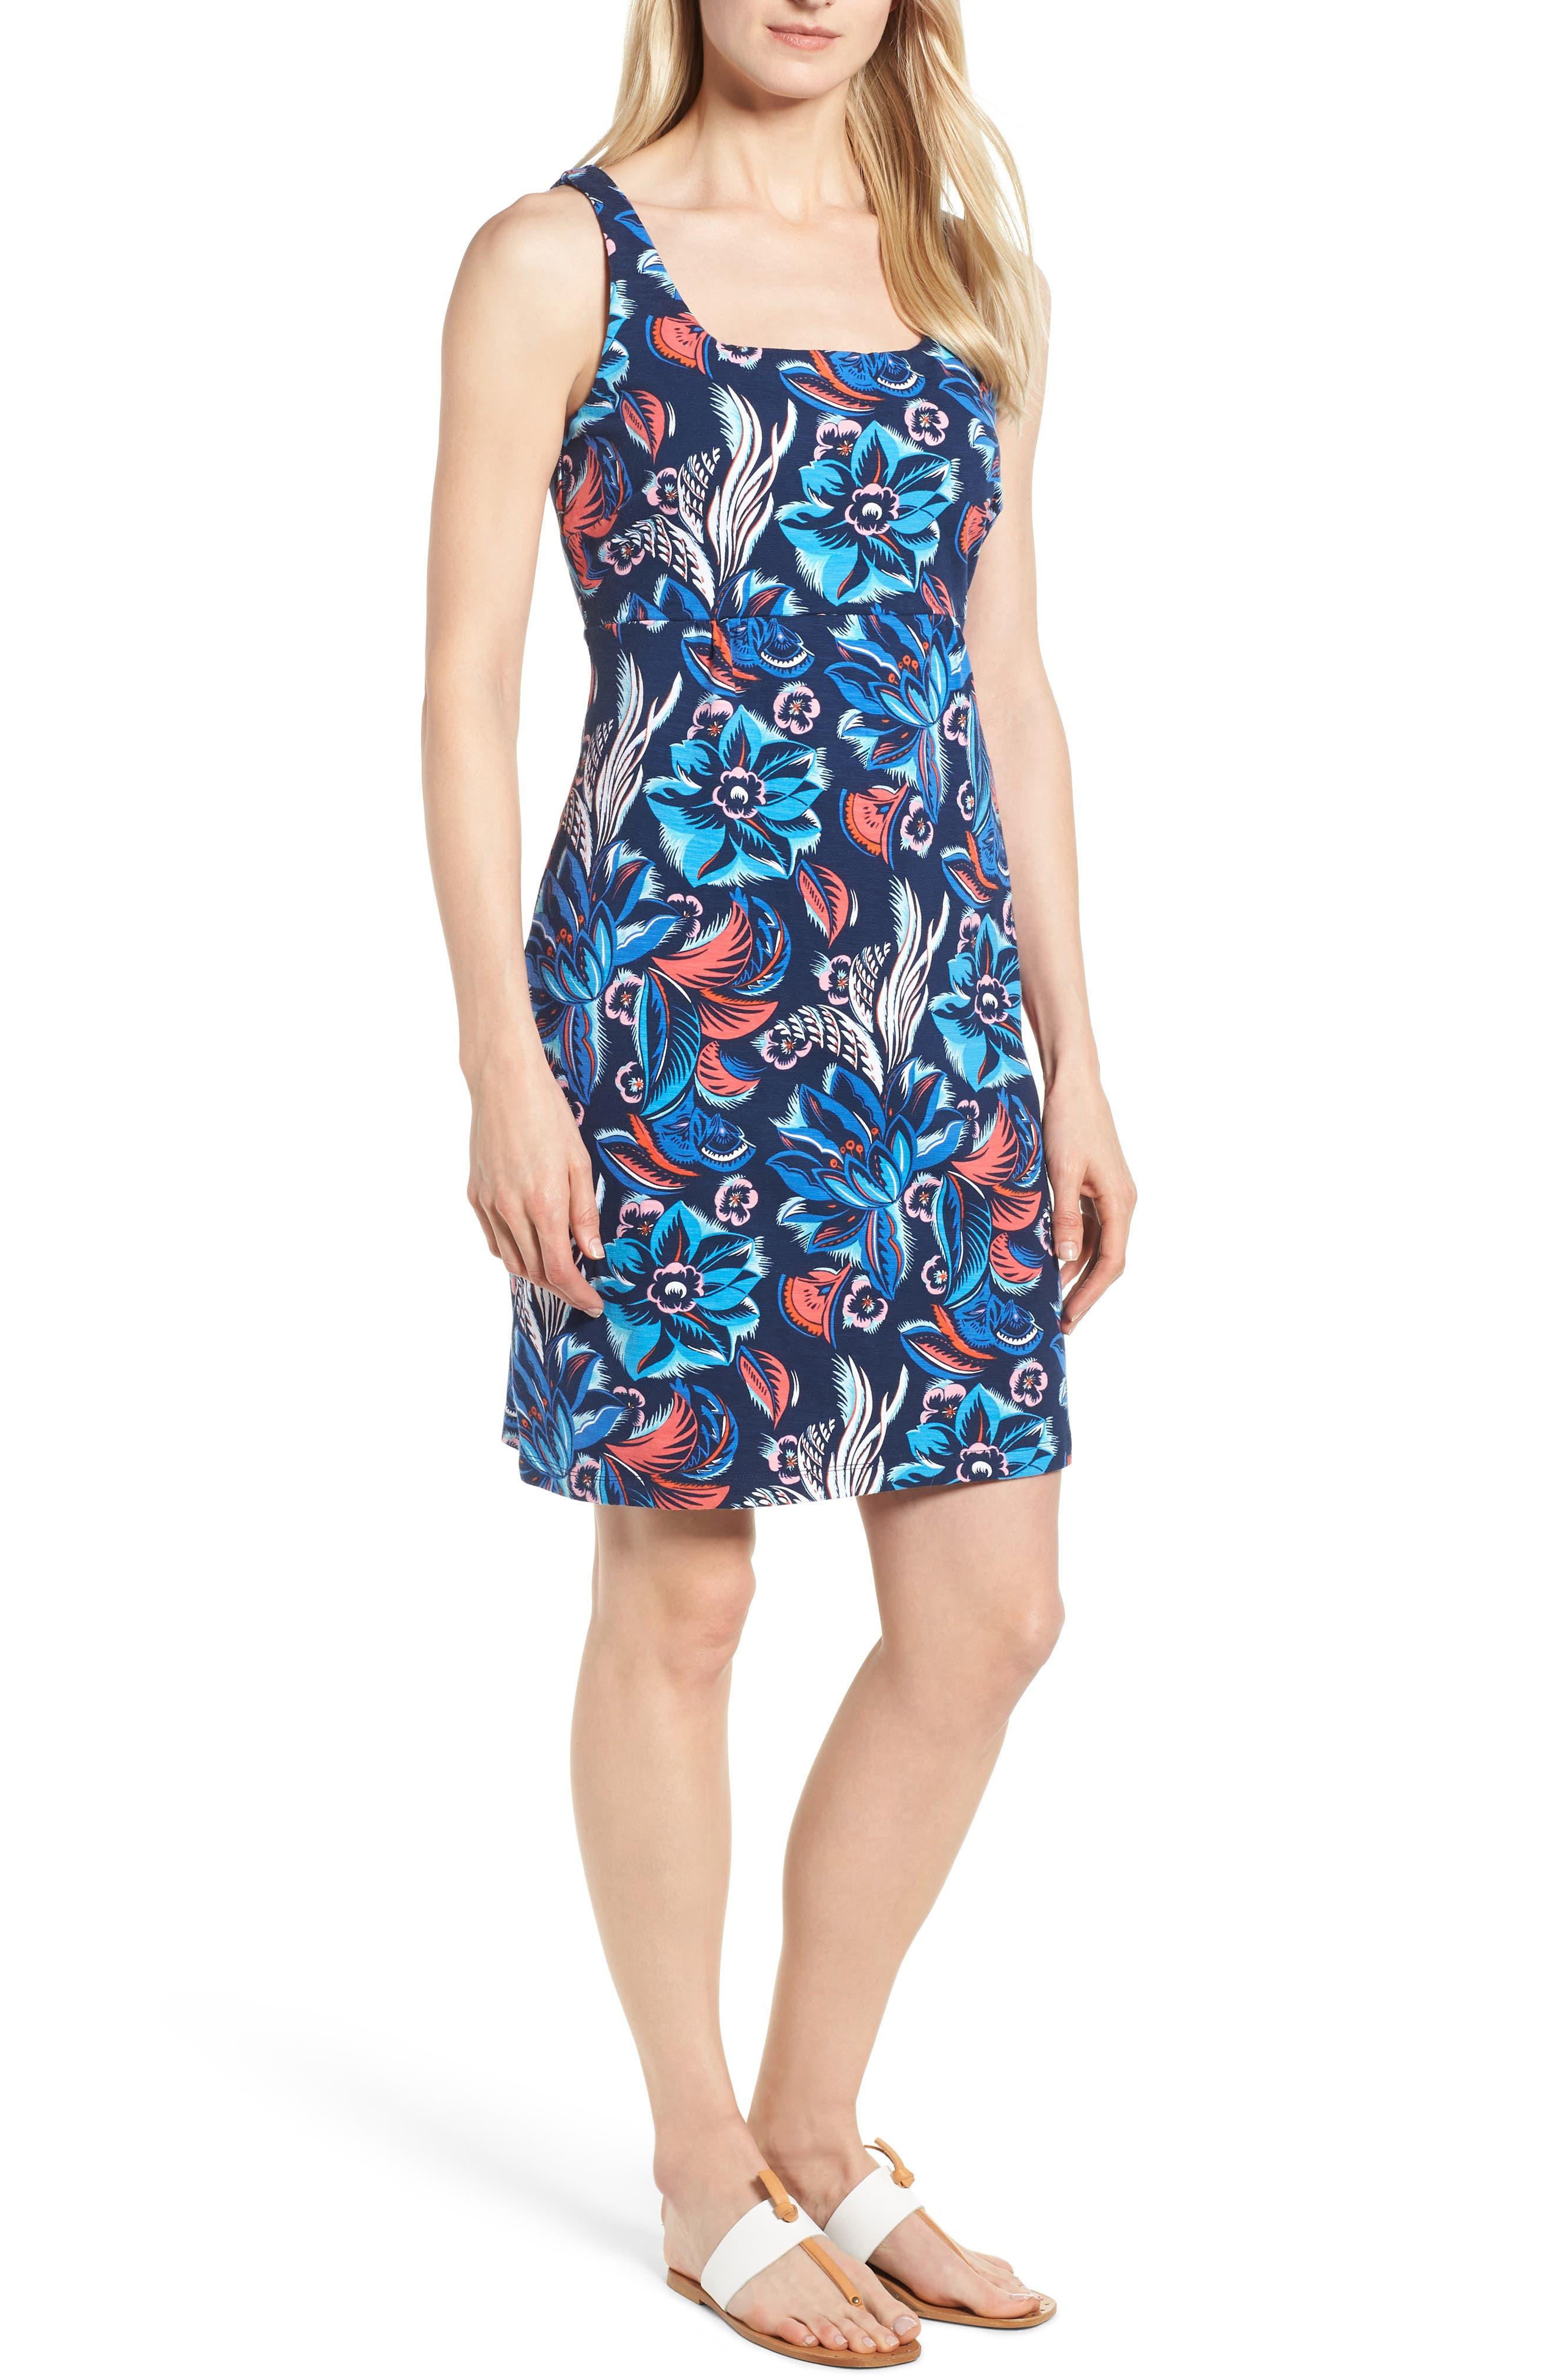 Bohemian Blossoms Tank Dress,                             Main thumbnail 1, color,                             OCEAN DEEP